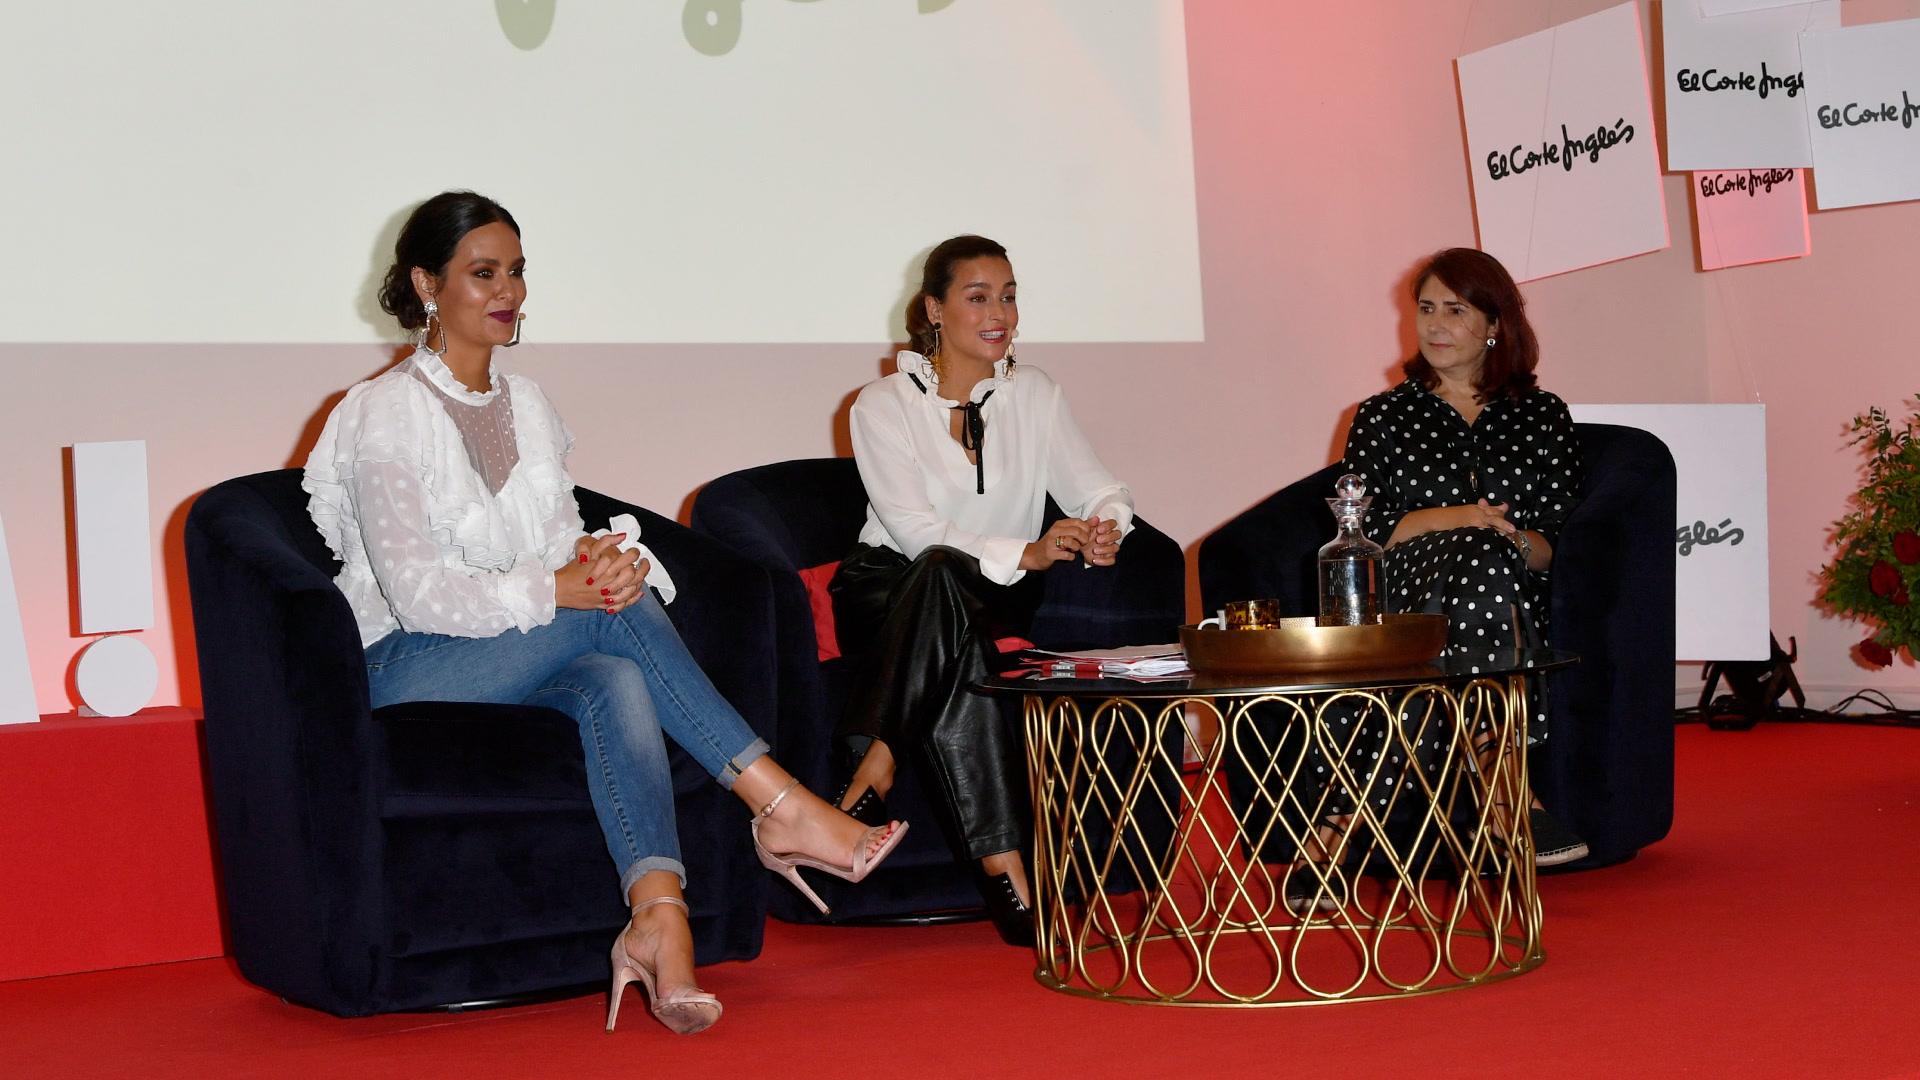 Cristina Pedroche y Carolina González hablan de redes sociales